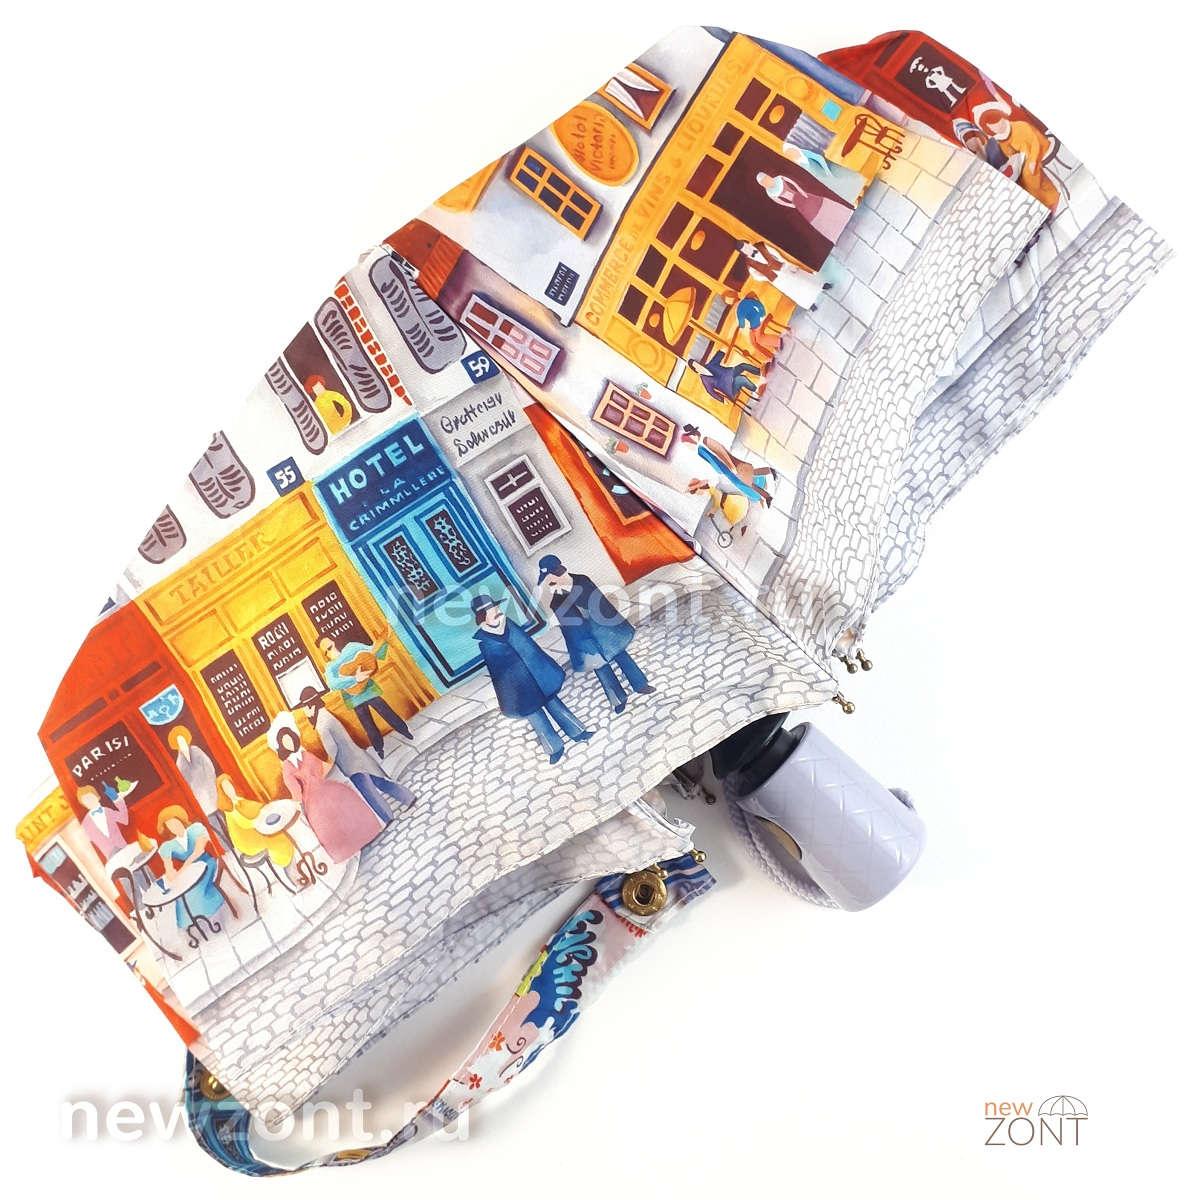 Женский компактный зонт автомат 4 сложения